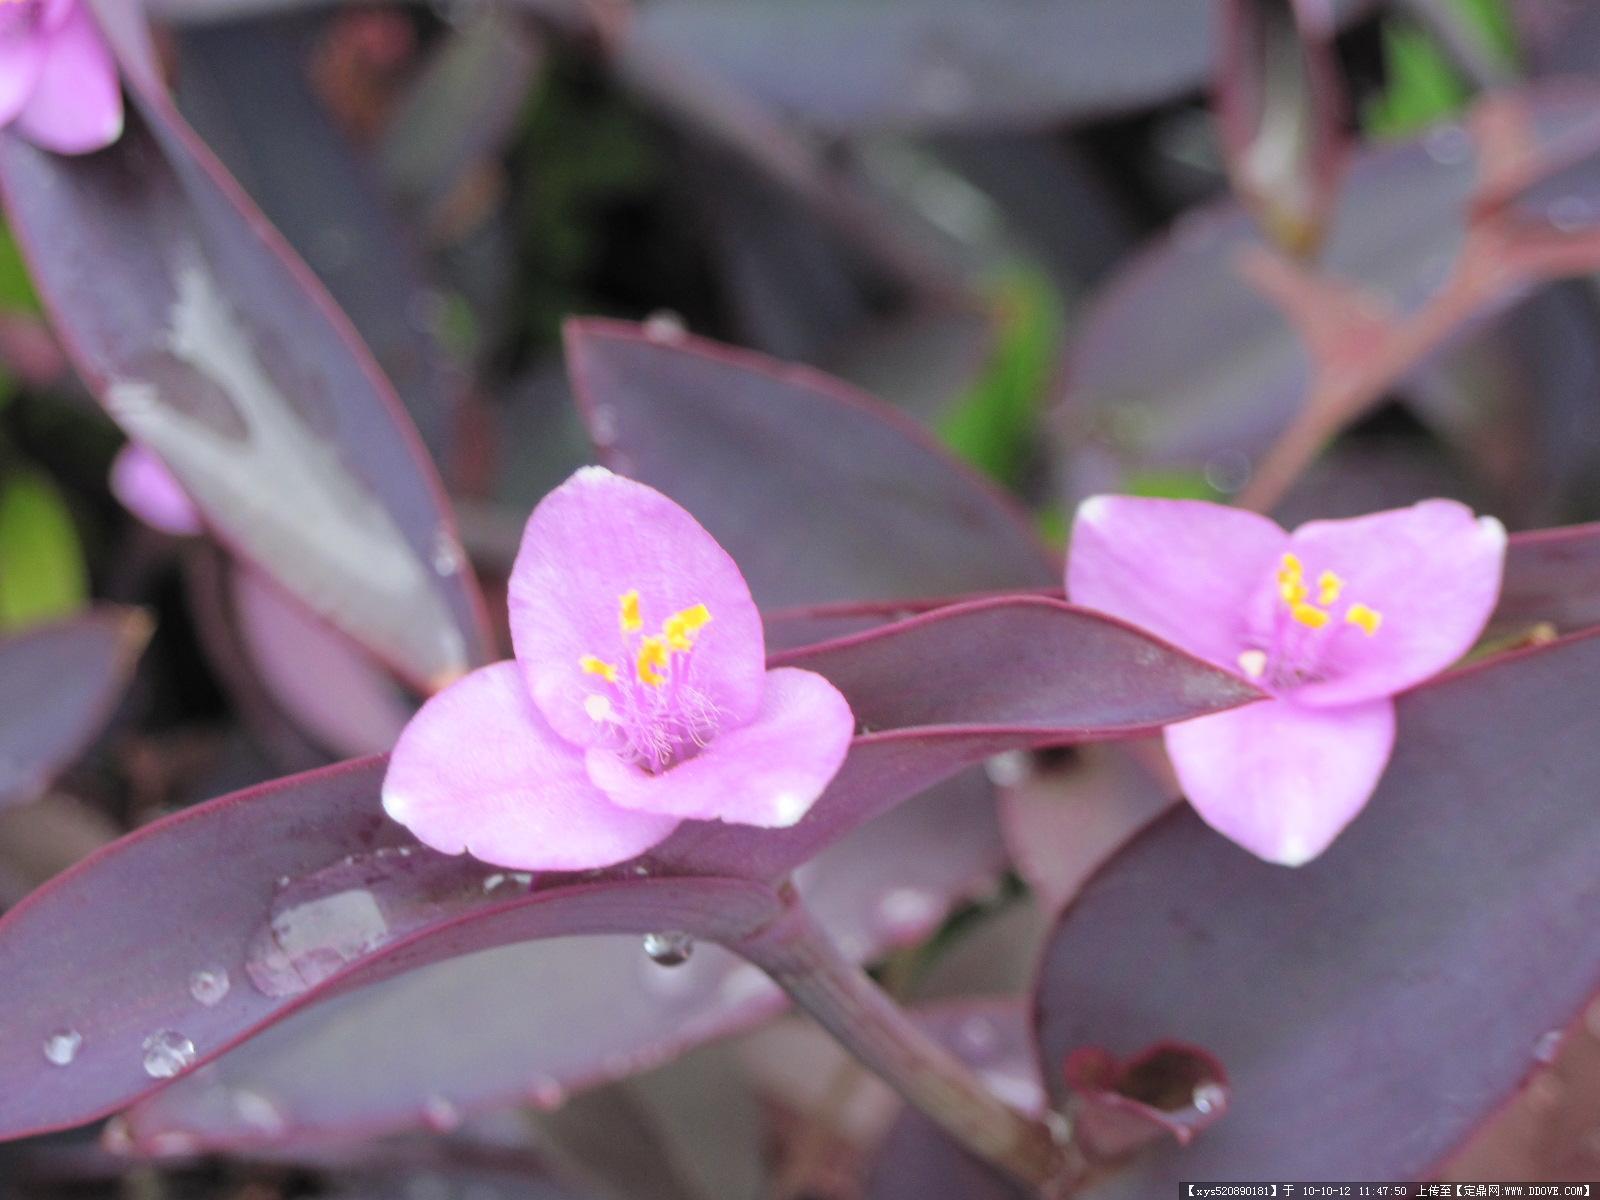 大图预览1 紫竹梅高清图片桌面壁纸下载2-植物壁纸